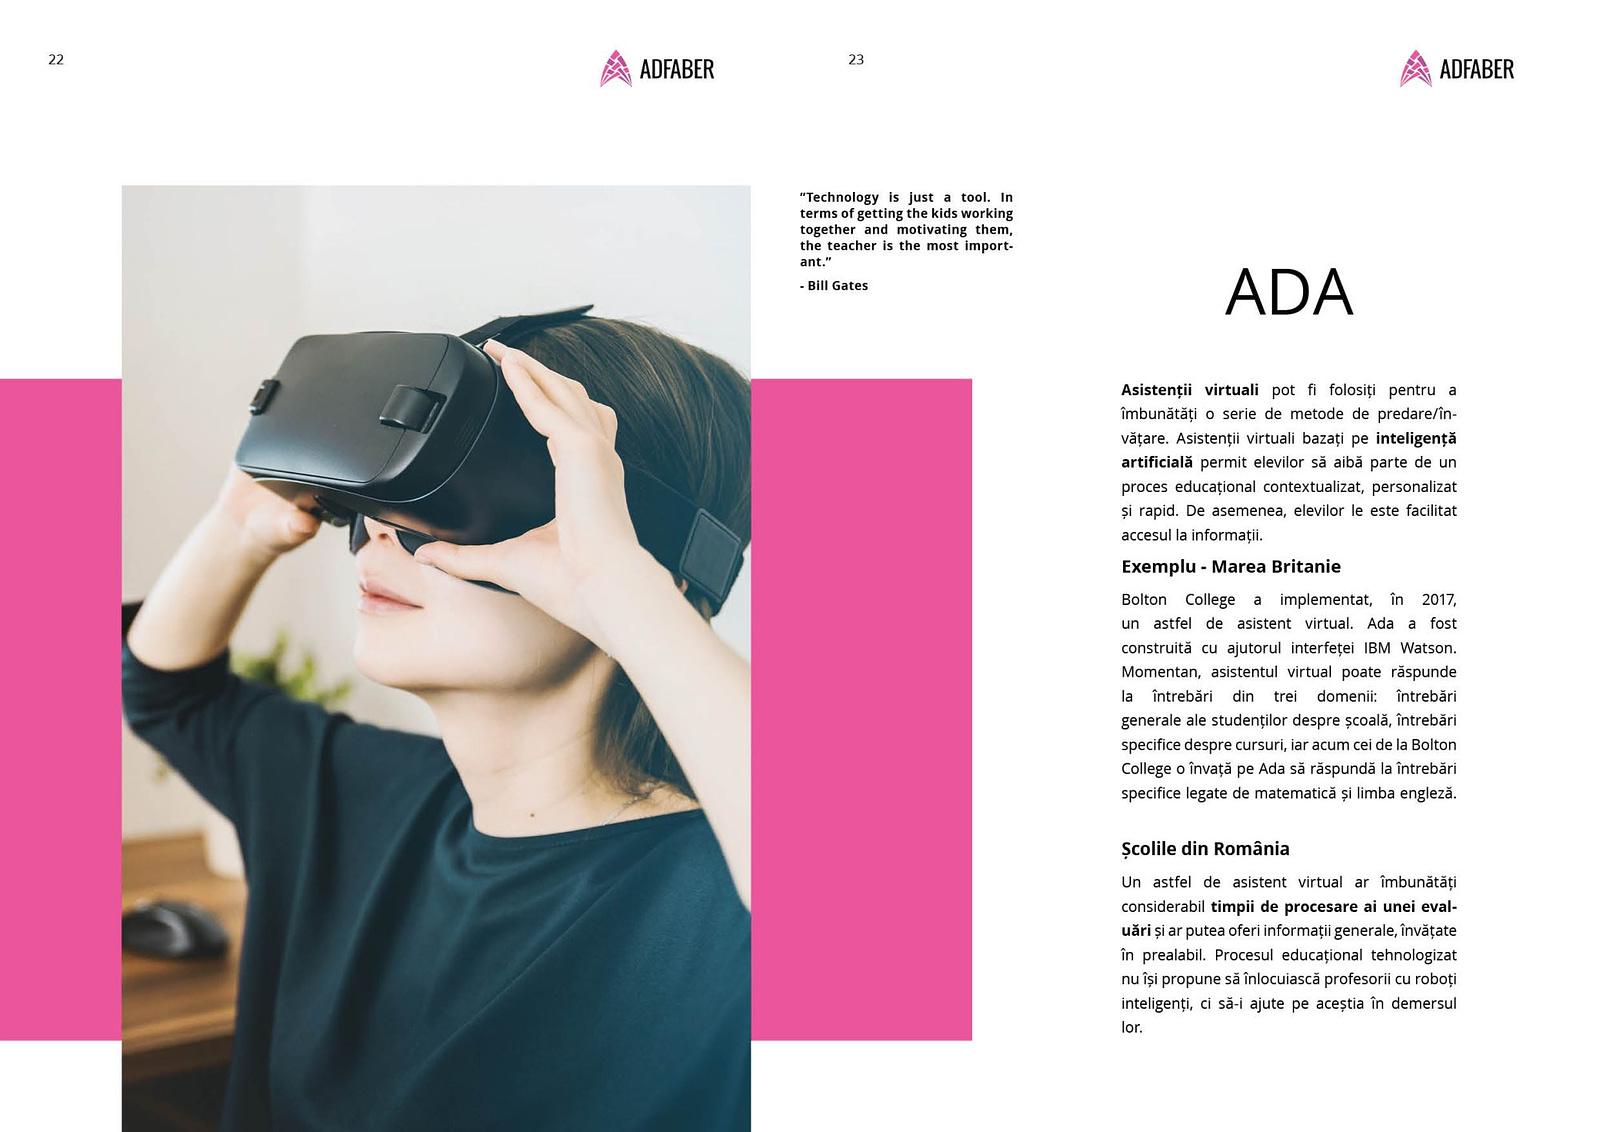 ebook, Toud, Adfaber, inbound marketing, design, layout, marketing digital, educatie